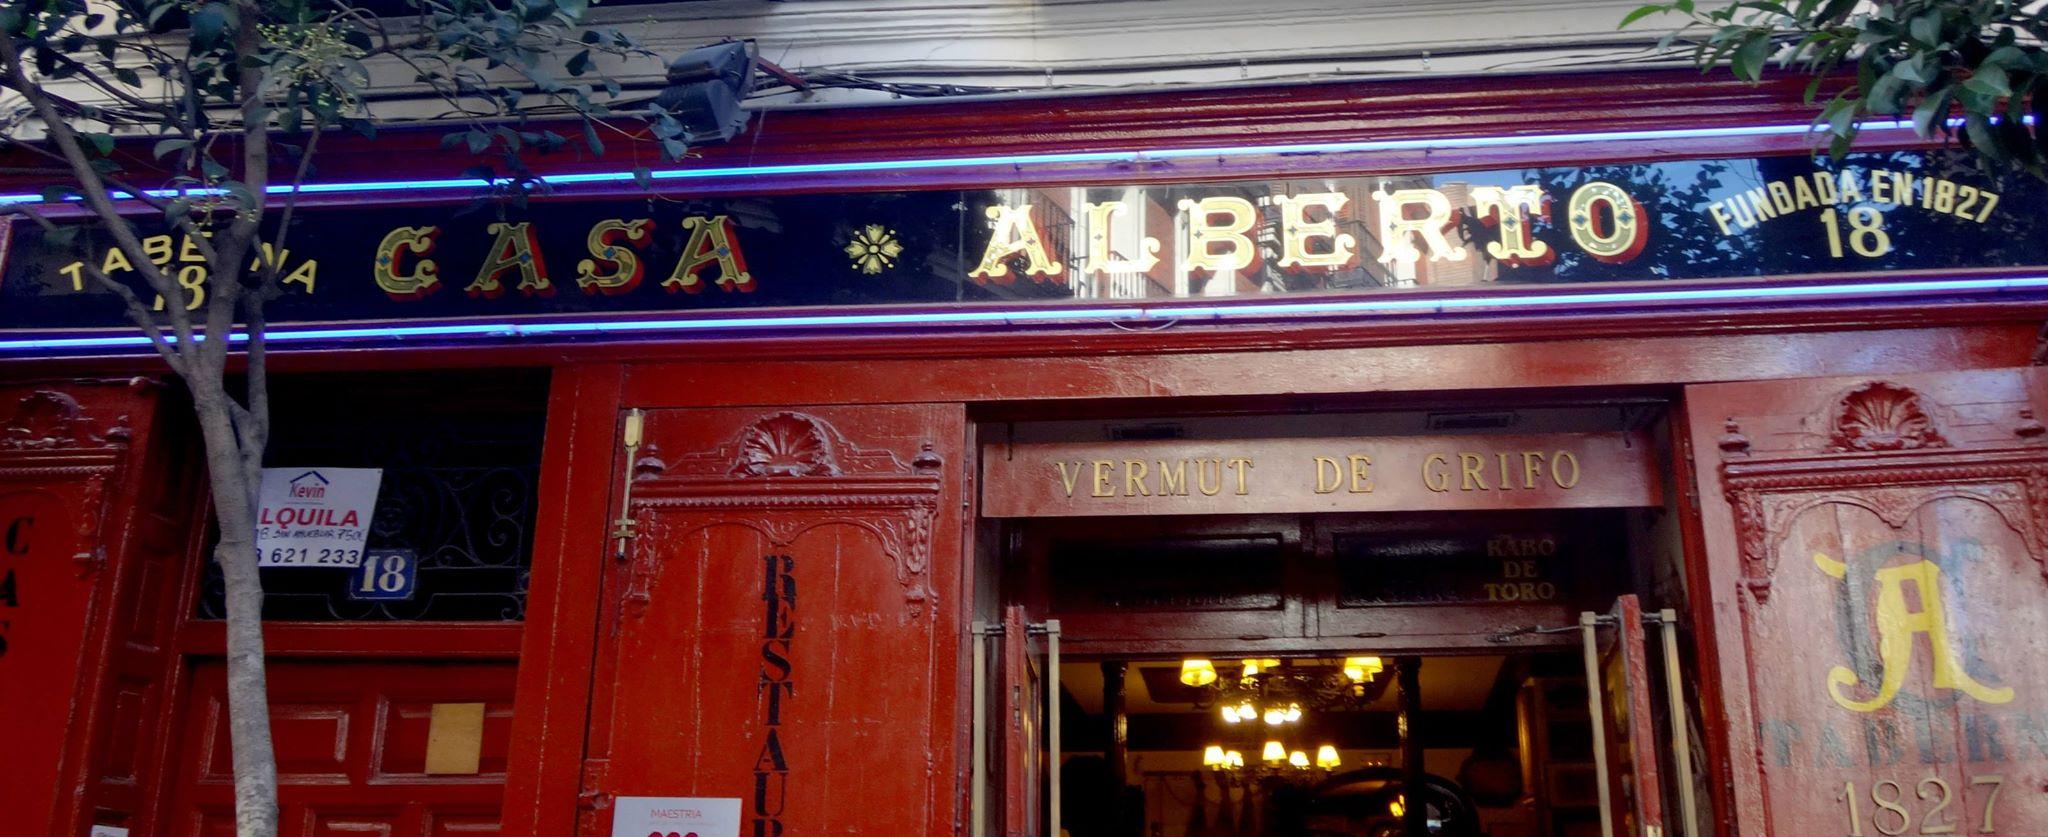 Casa Alberto, Pan de oro y esmaltes sinteticos en reversa sobre cristal. Autor desconocido #madrid — en Casa Alberto.